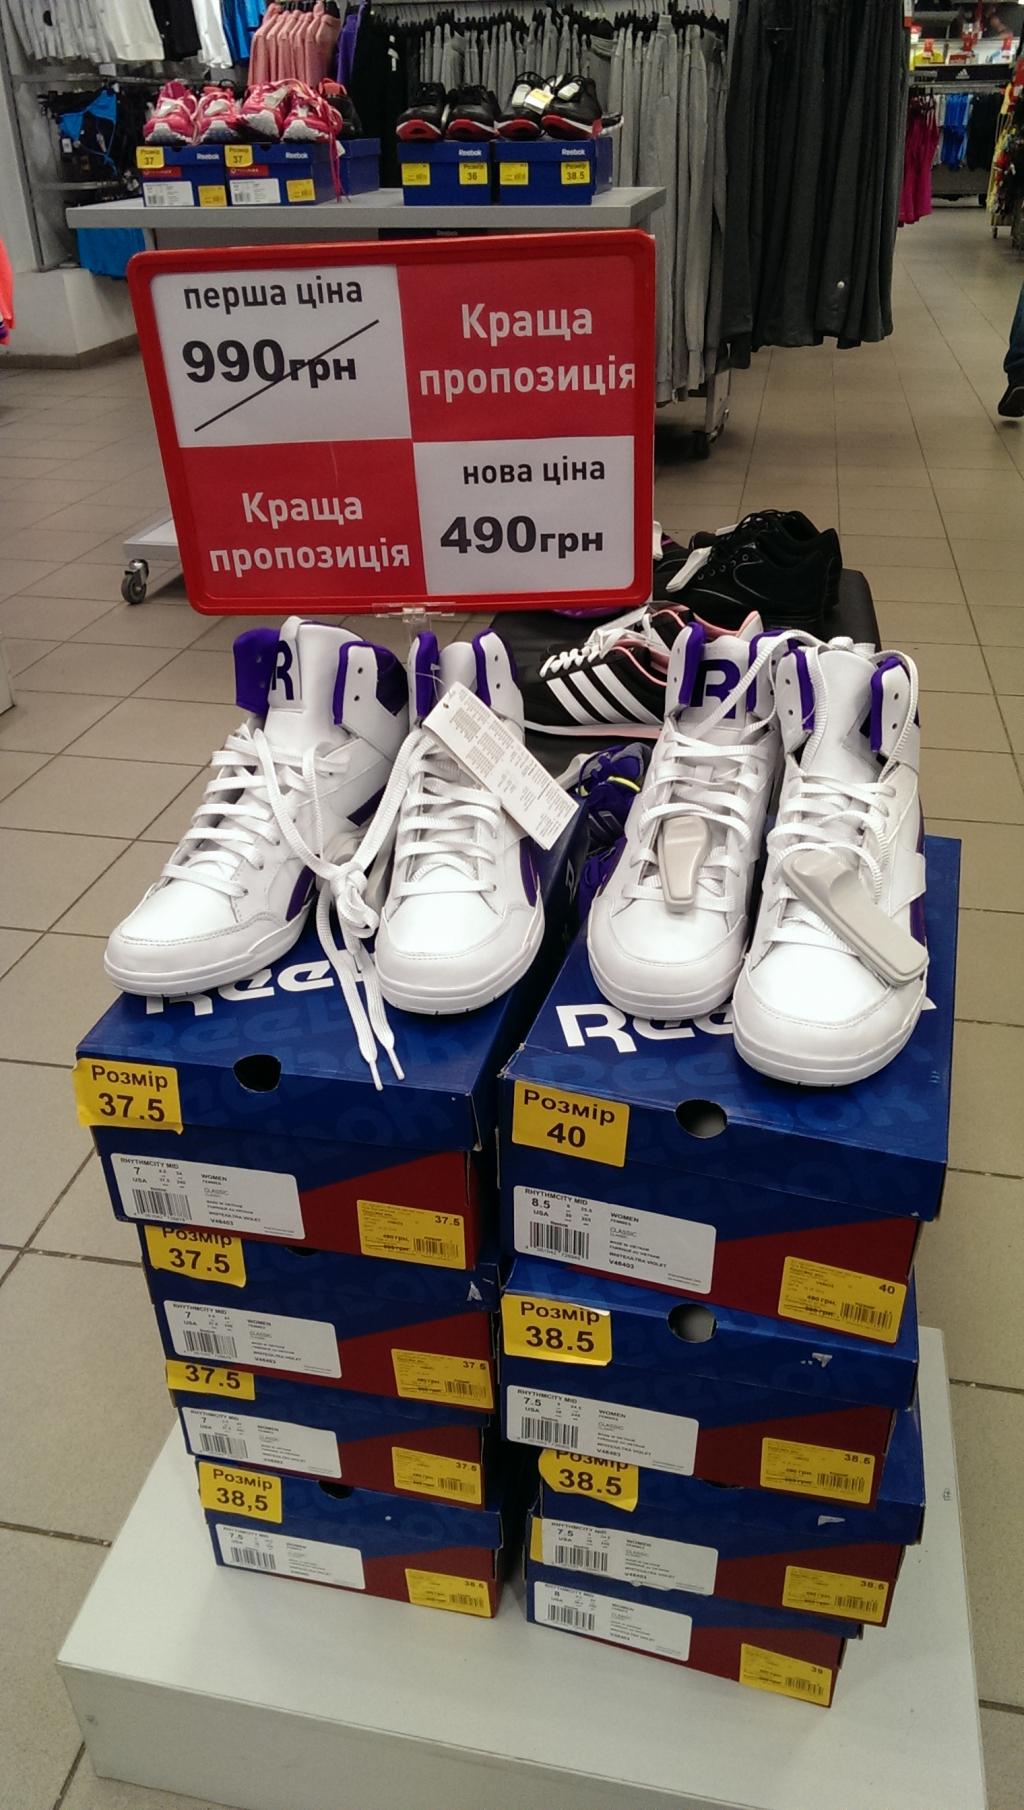 Скидка на женские кроссовки Reebok купить со скидкой   Adidas ... f6cce6e2b69